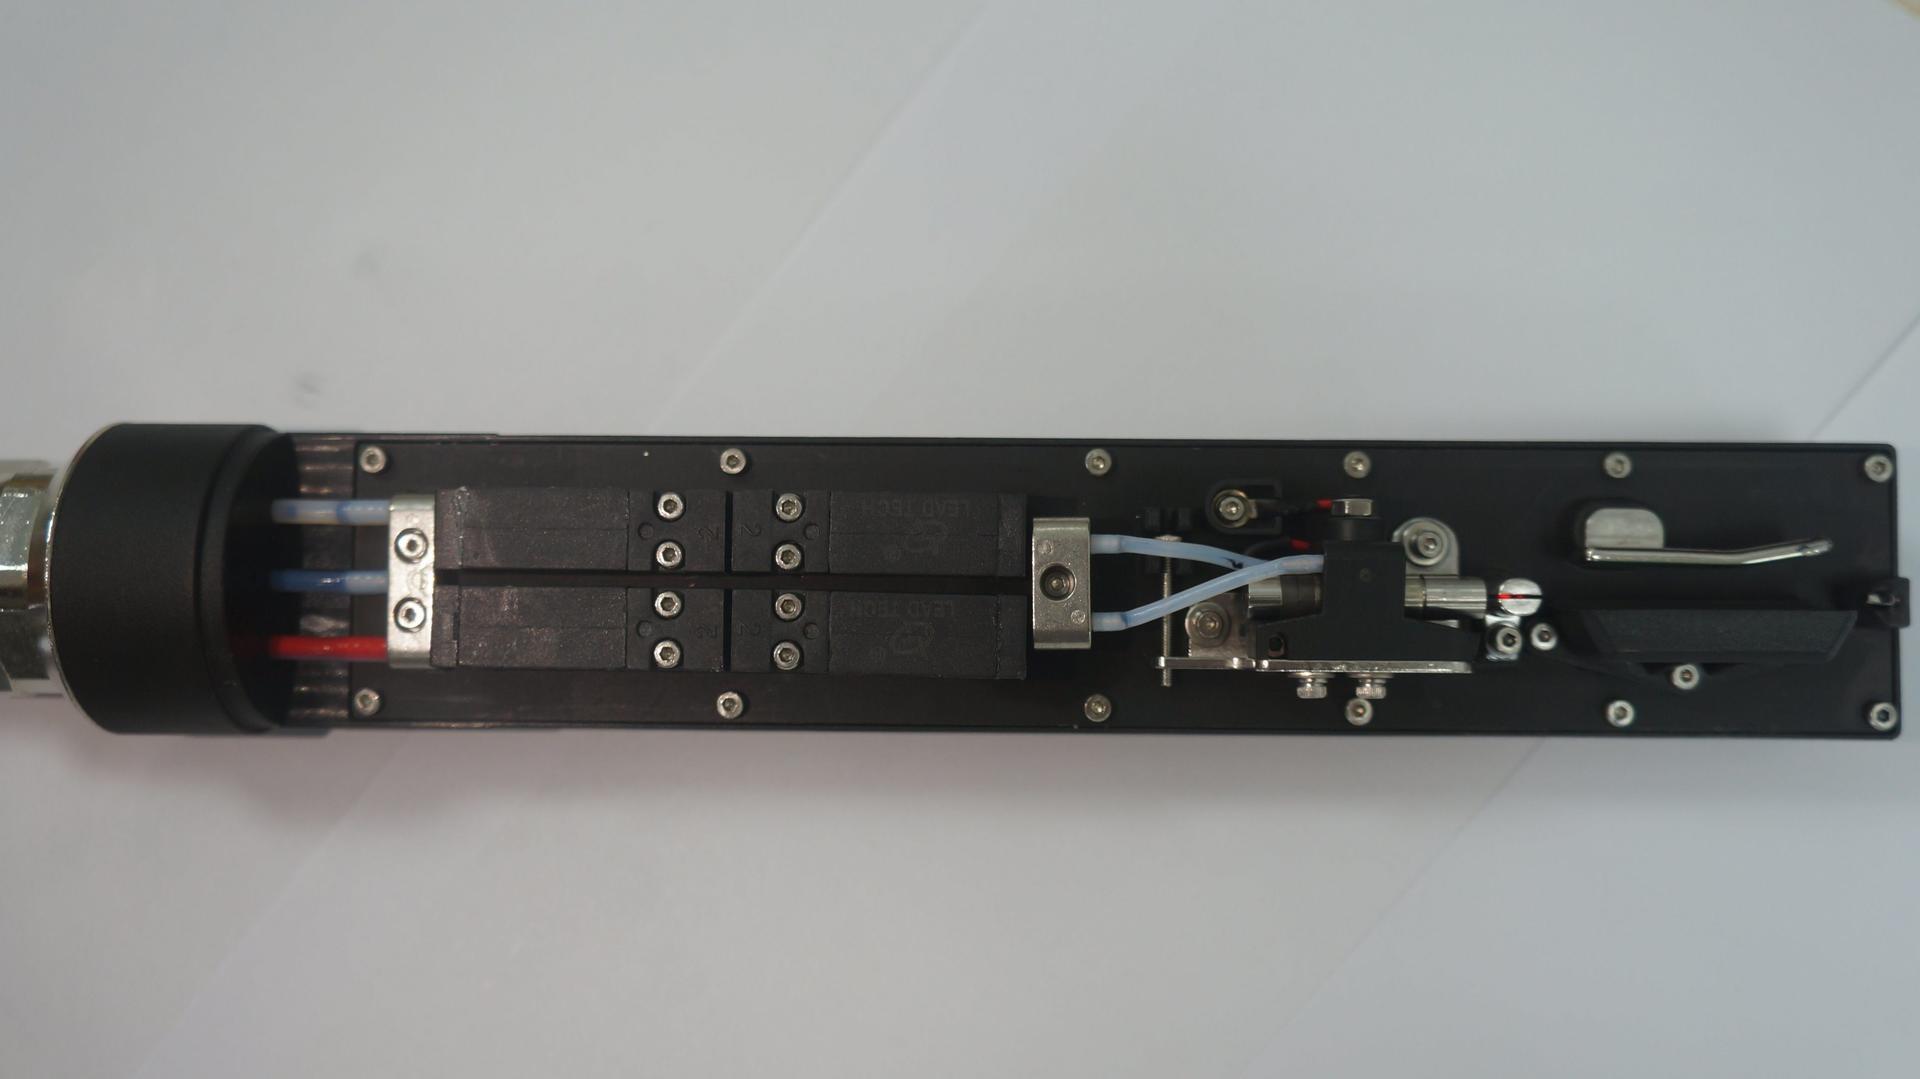 Leadtech Lt800 Inkjet Card Printer Inkjet Printer for Printing